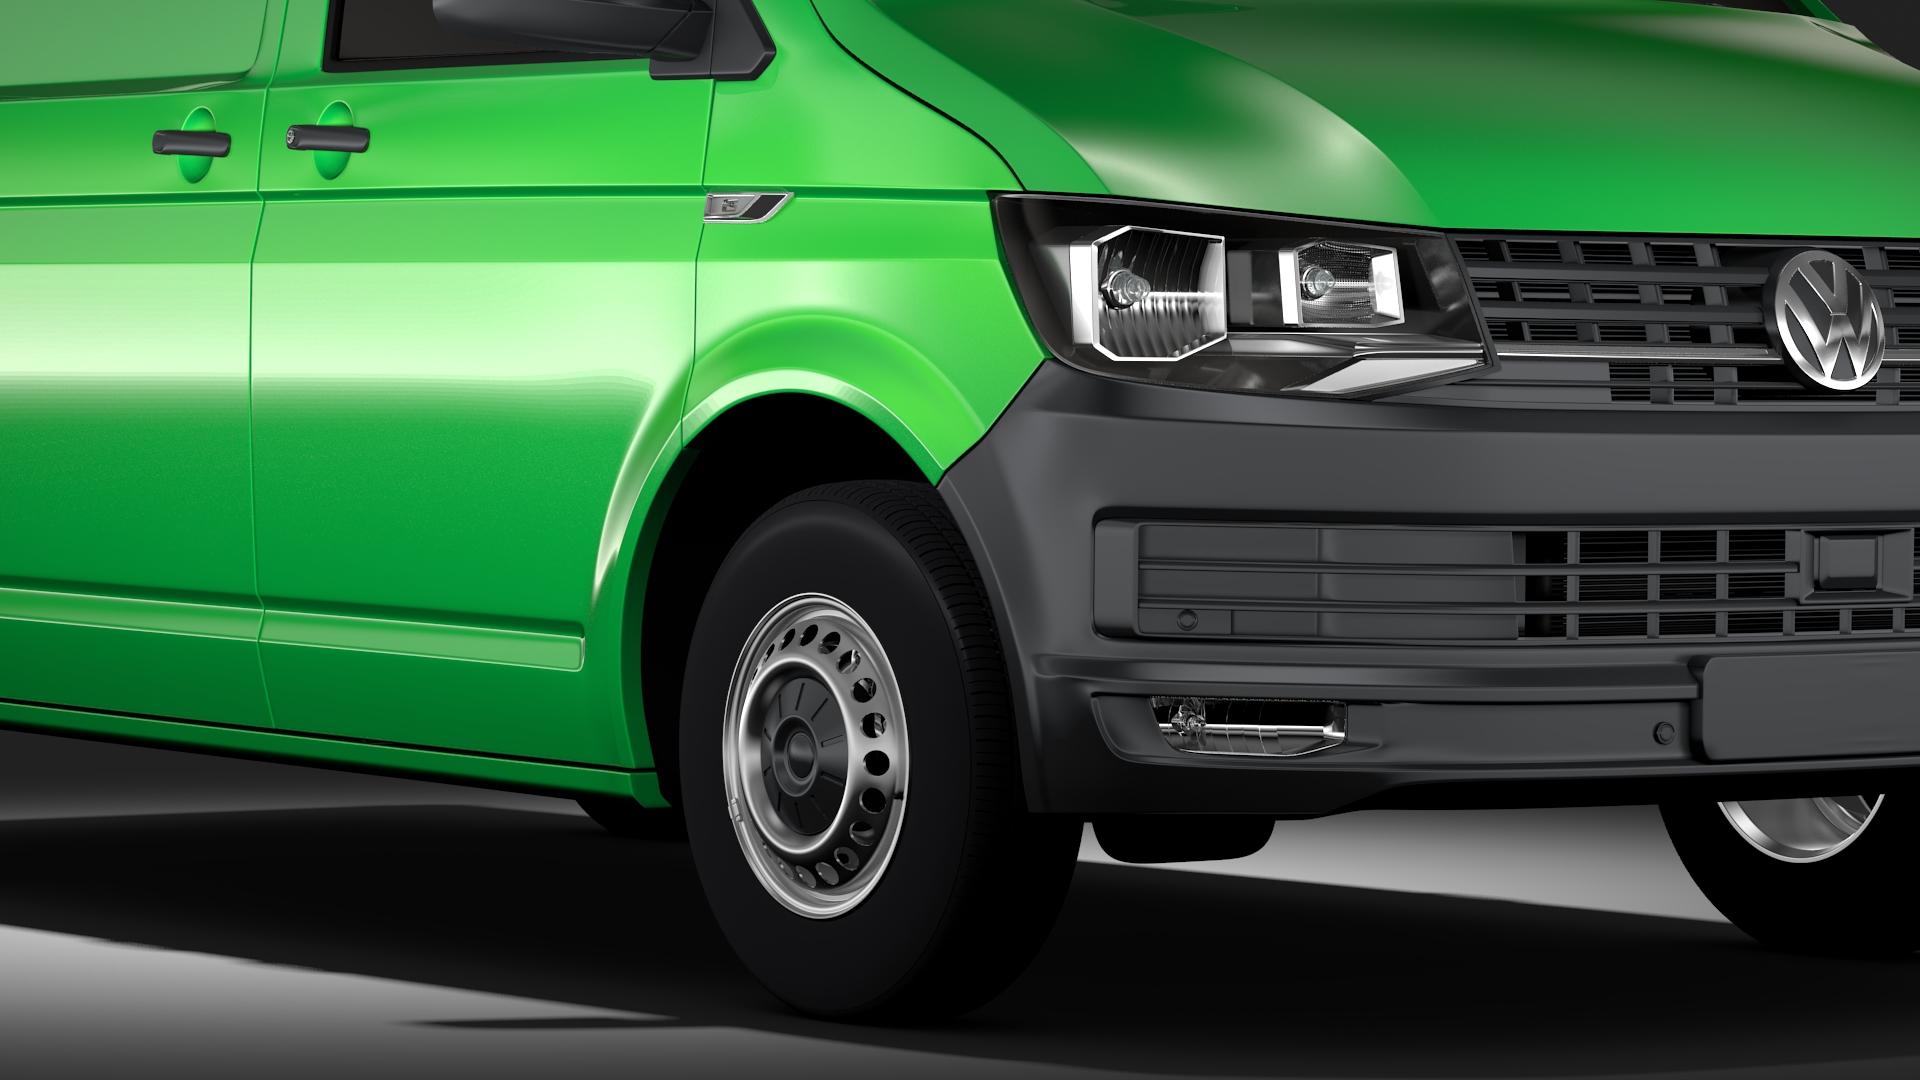 volkswagen transporter van l1h2 t6 2017 3d model max fbx c4d lwo ma mb hrc xsi obj 275149